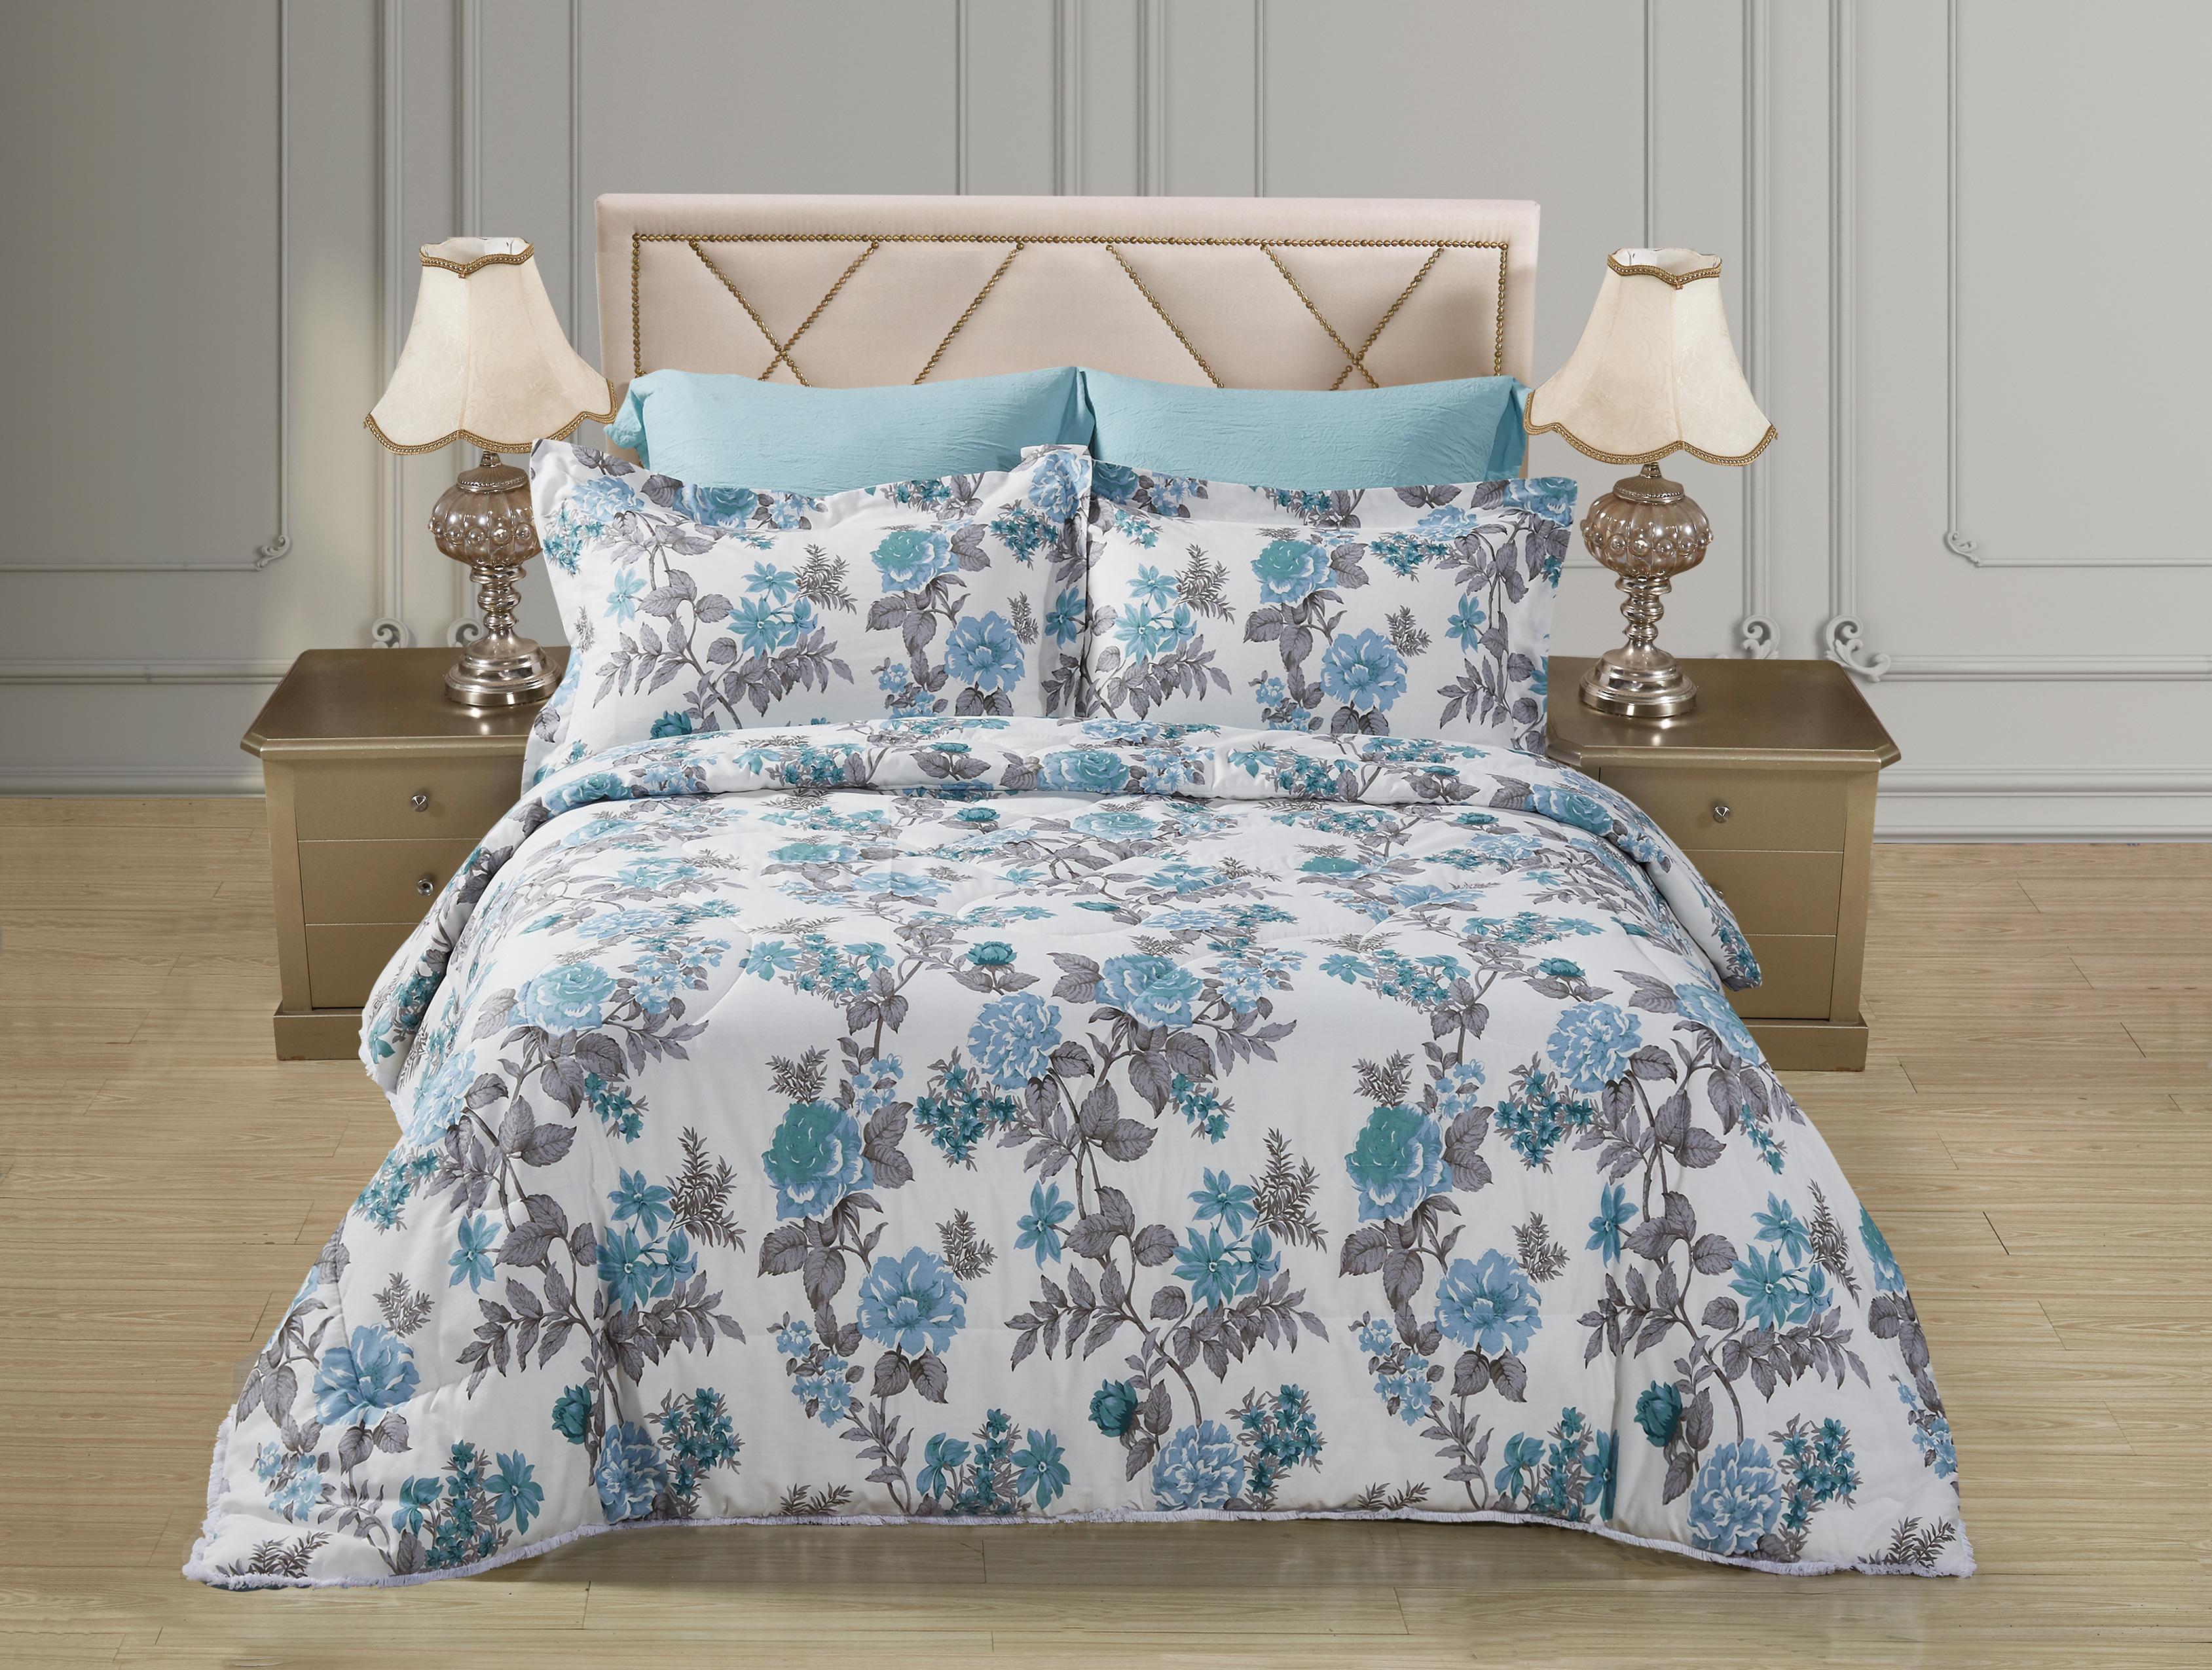 Купить Комплекты постельного белья Mioletto, Постельное белье с одеялом-пододеяльником Rudiano (семейное), Китай, Хлопковый сатин, Синтетический сатин